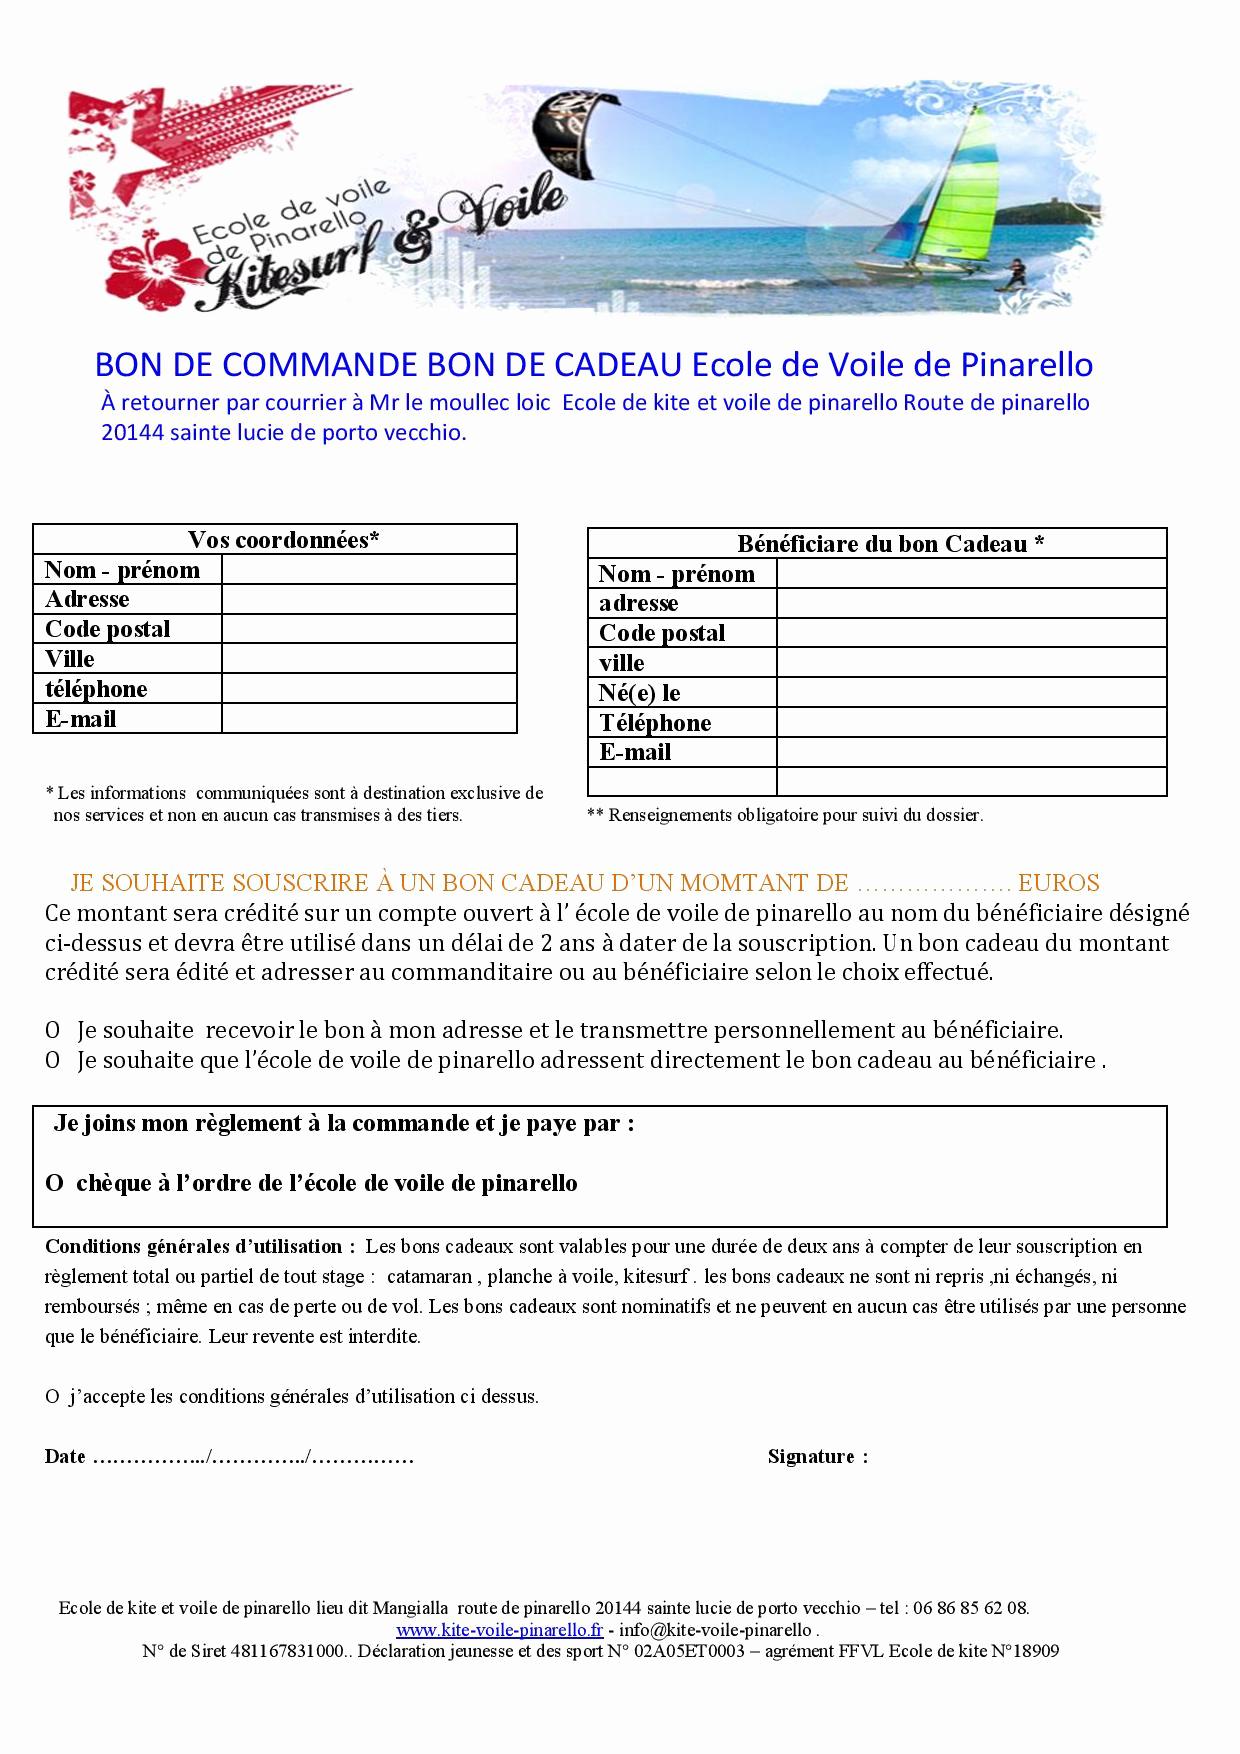 Idée cadeau pour noel forum   Airship paris.fr